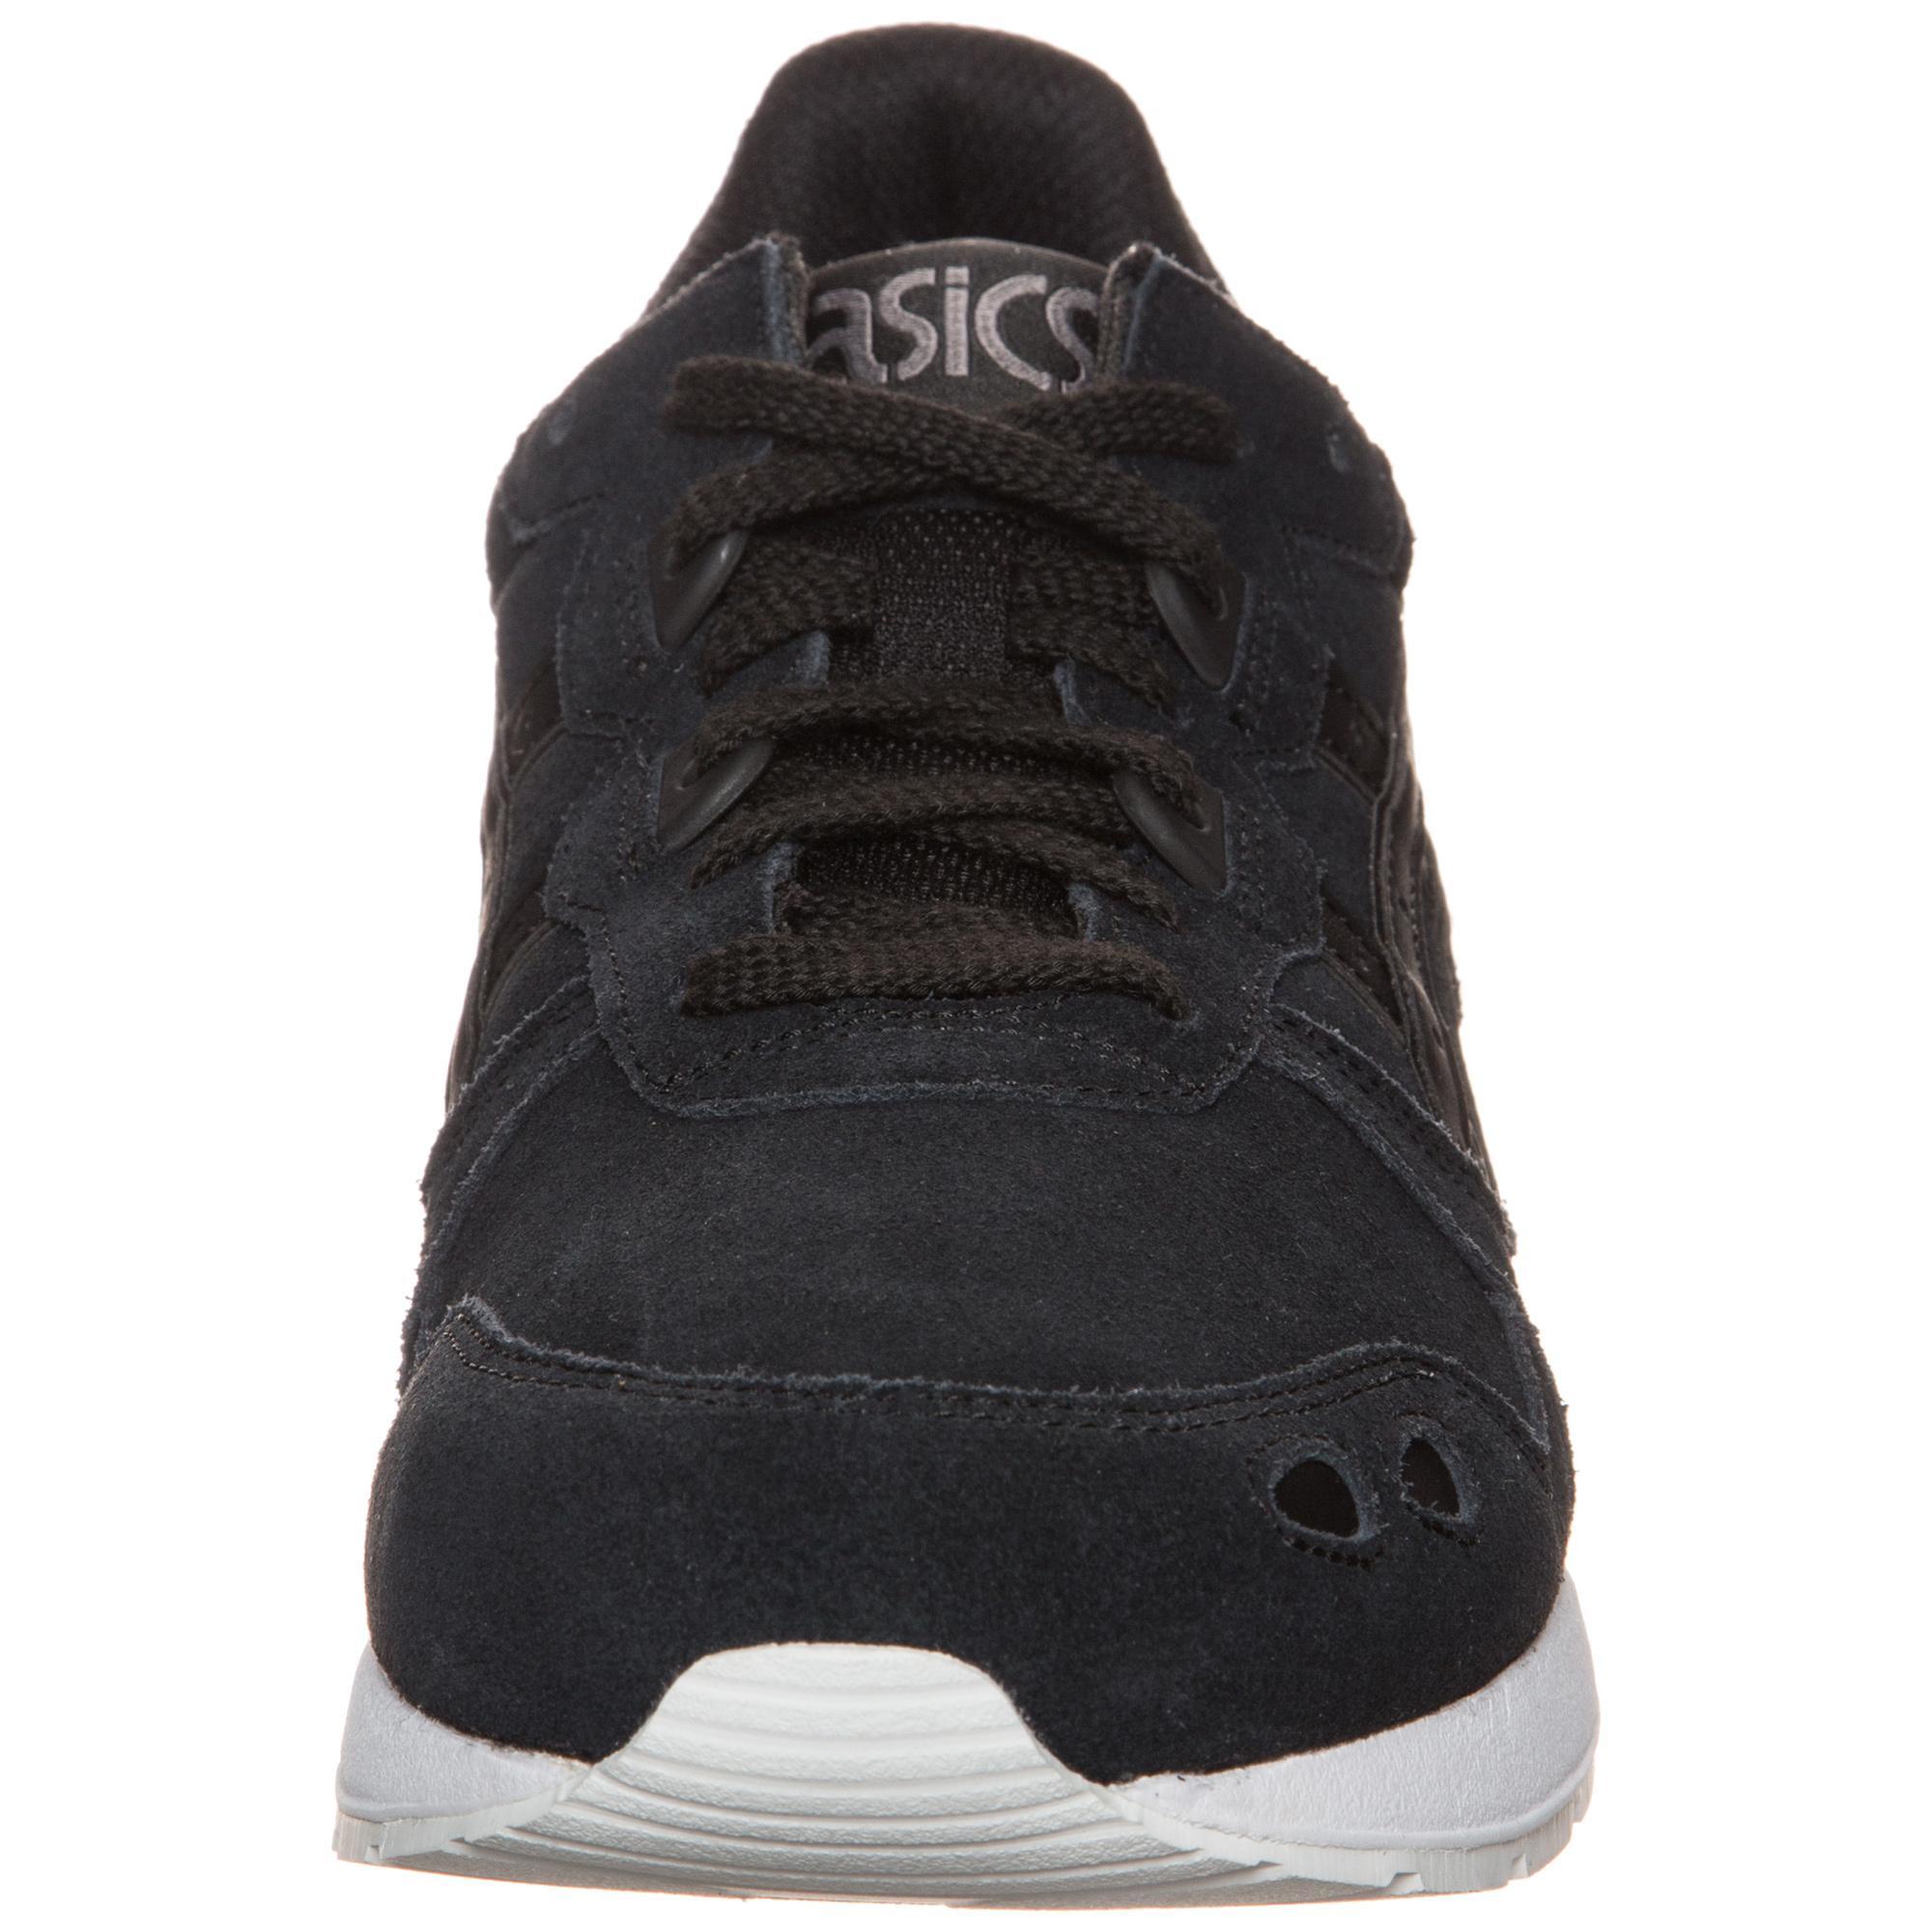 ASICS Gel-Lyte Turnschuhe Herren schwarz   Online weiß im Online  Shop von SportScheck kaufen Gute Qualität beliebte Schuhe fb6528